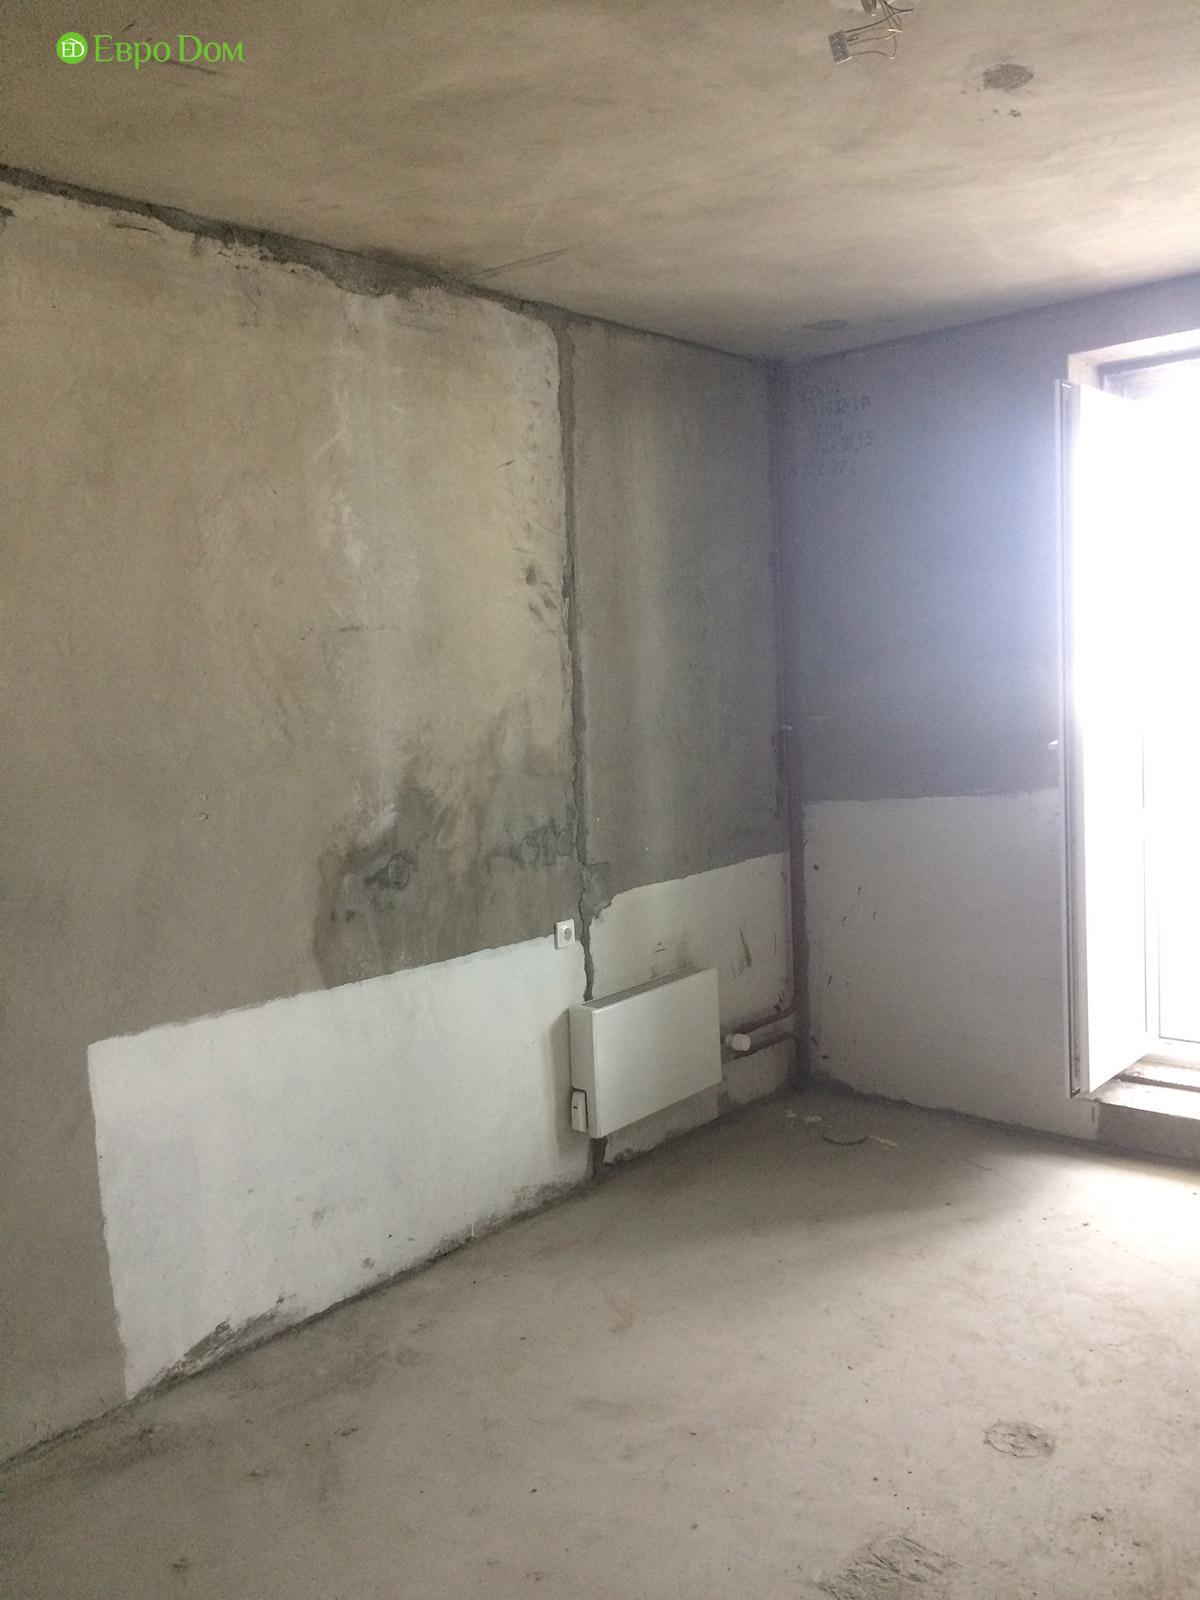 Ремонт и отделка 4-комнатной квартиры 109 кв. м.  Интерьер в современном стиле. Фото 010